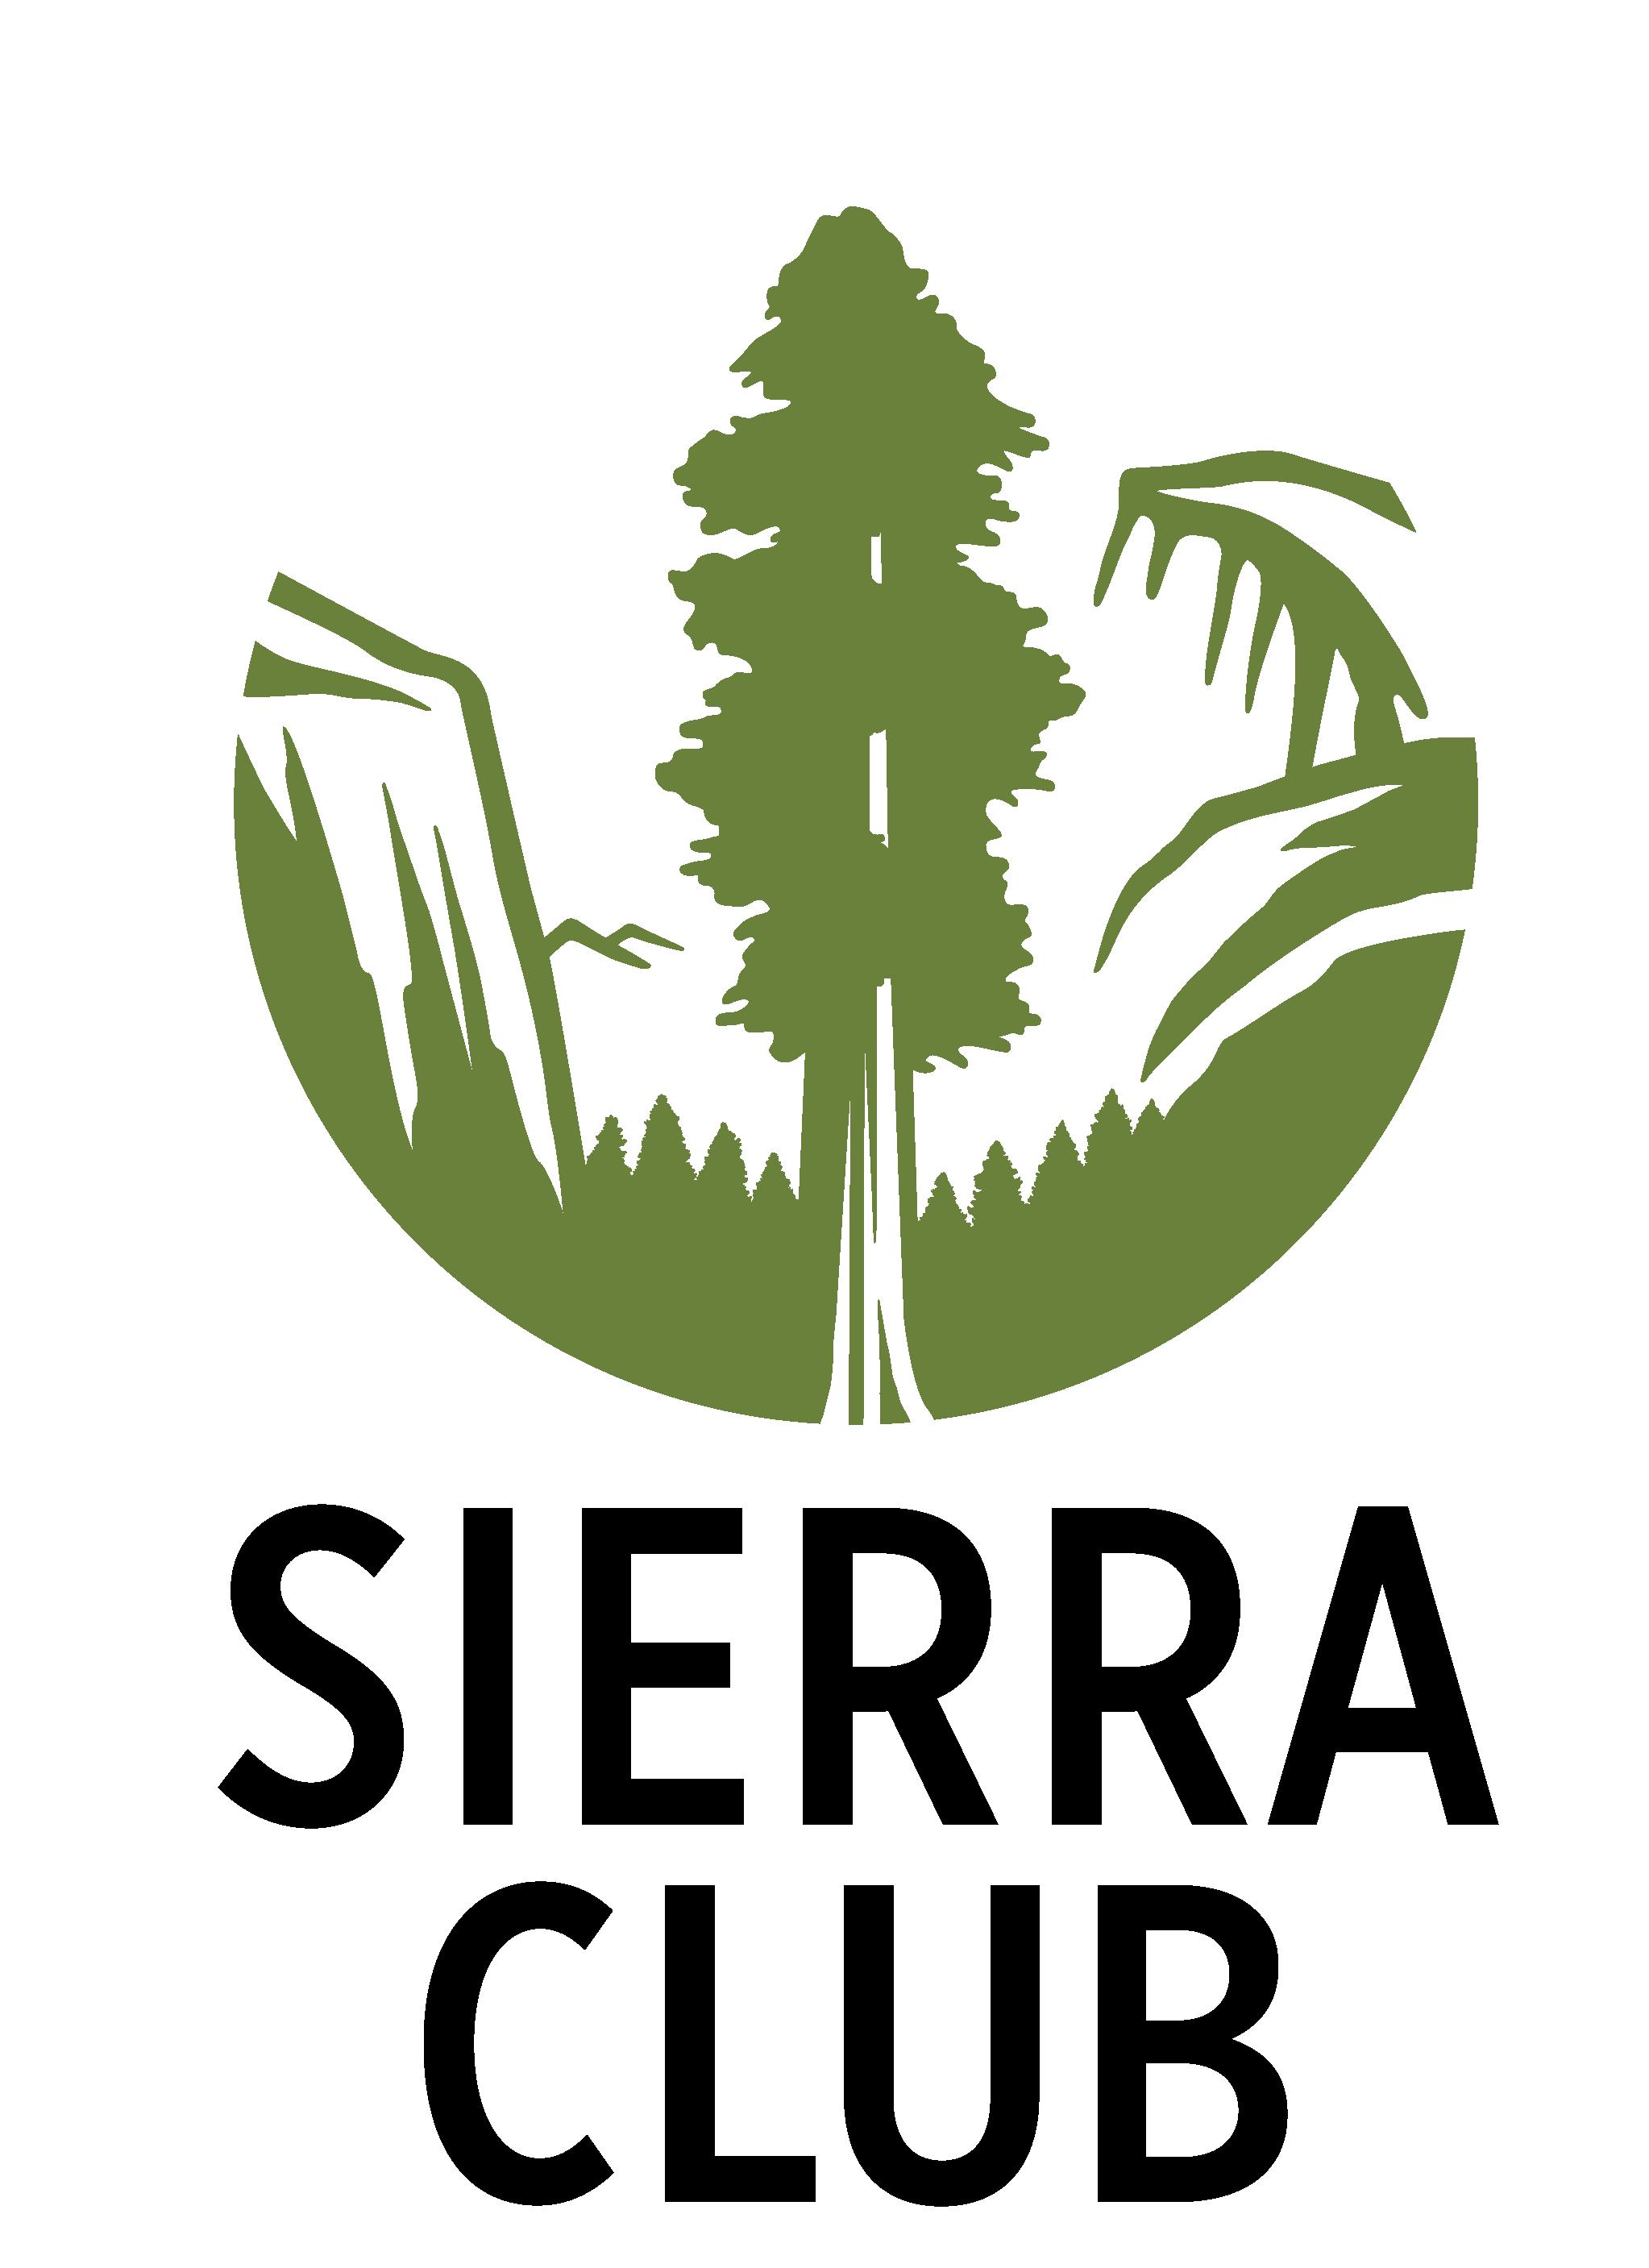 sierra club delta chapter  - Statewide